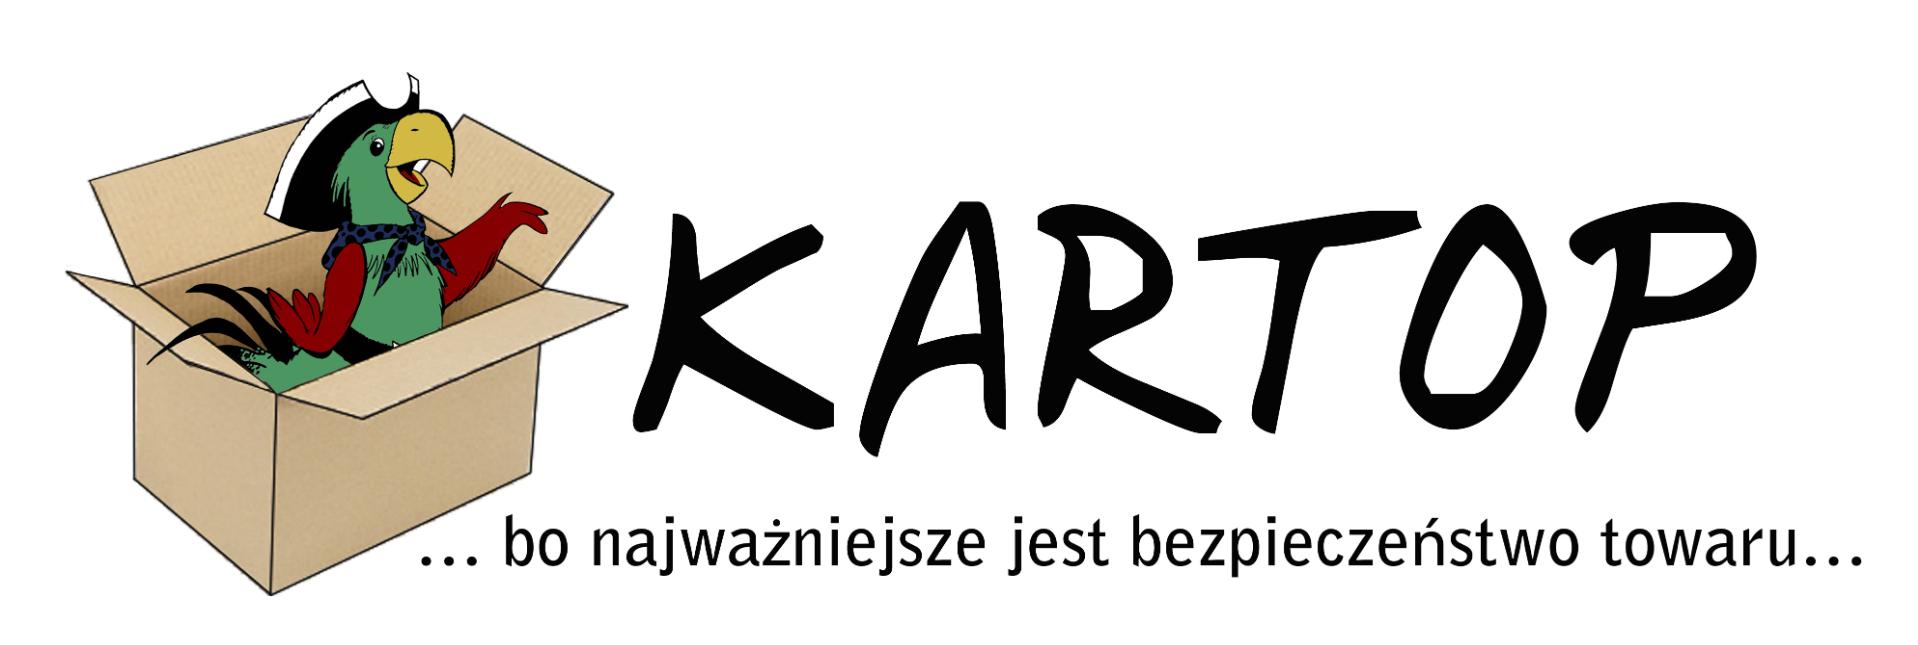 KARTOP